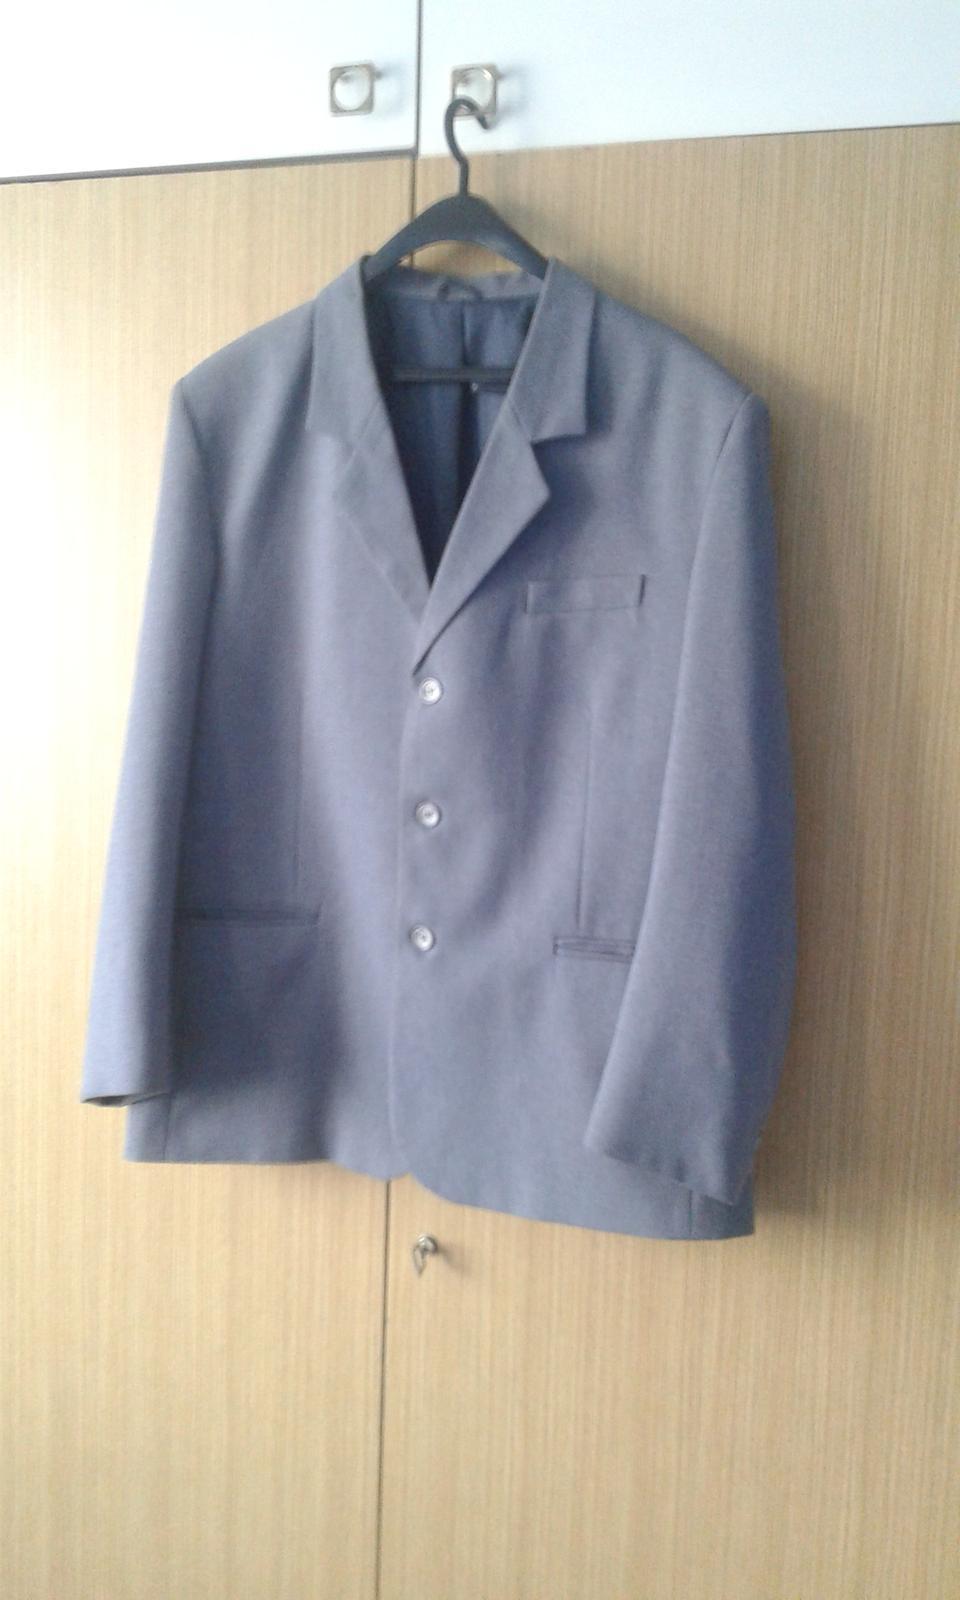 Pánsky oblek s vestičkou - Obrázok č. 1